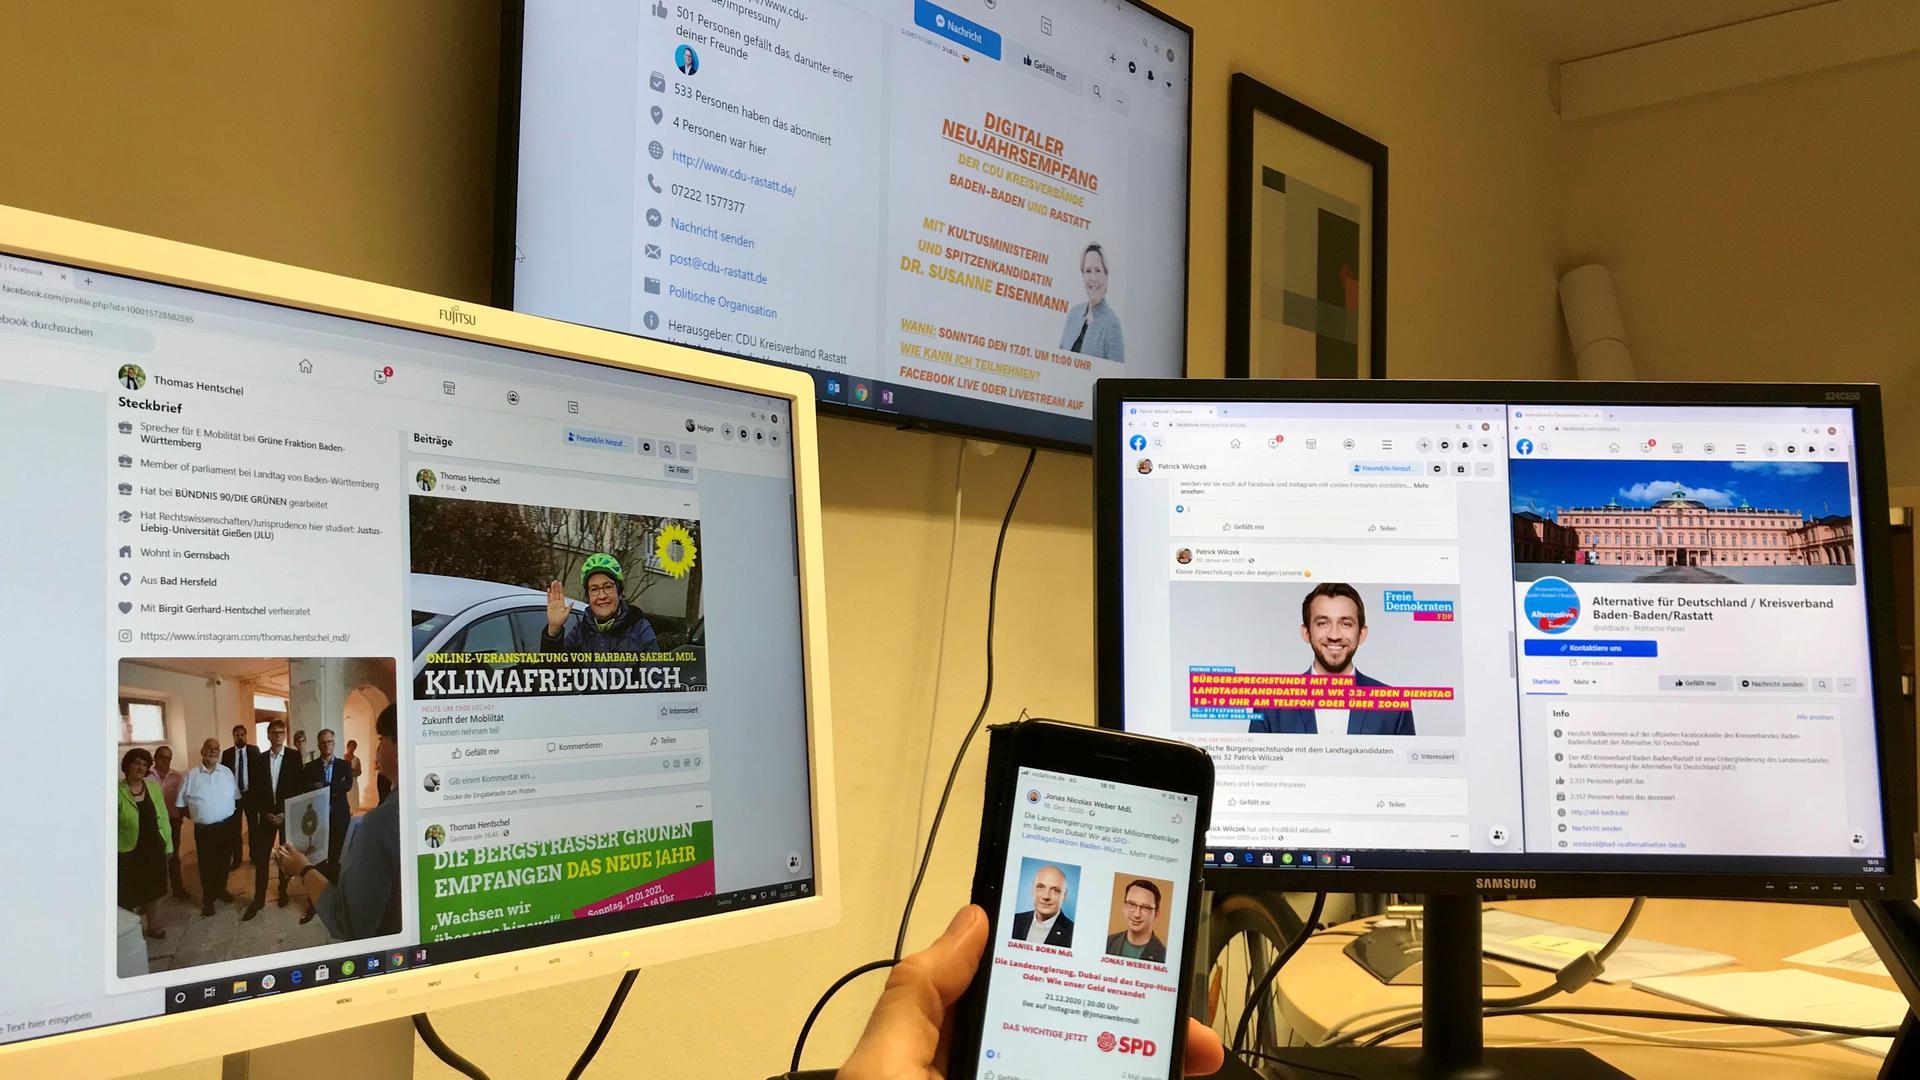 Ein Arbeitsplatz mit mehreren Bildschirmen.